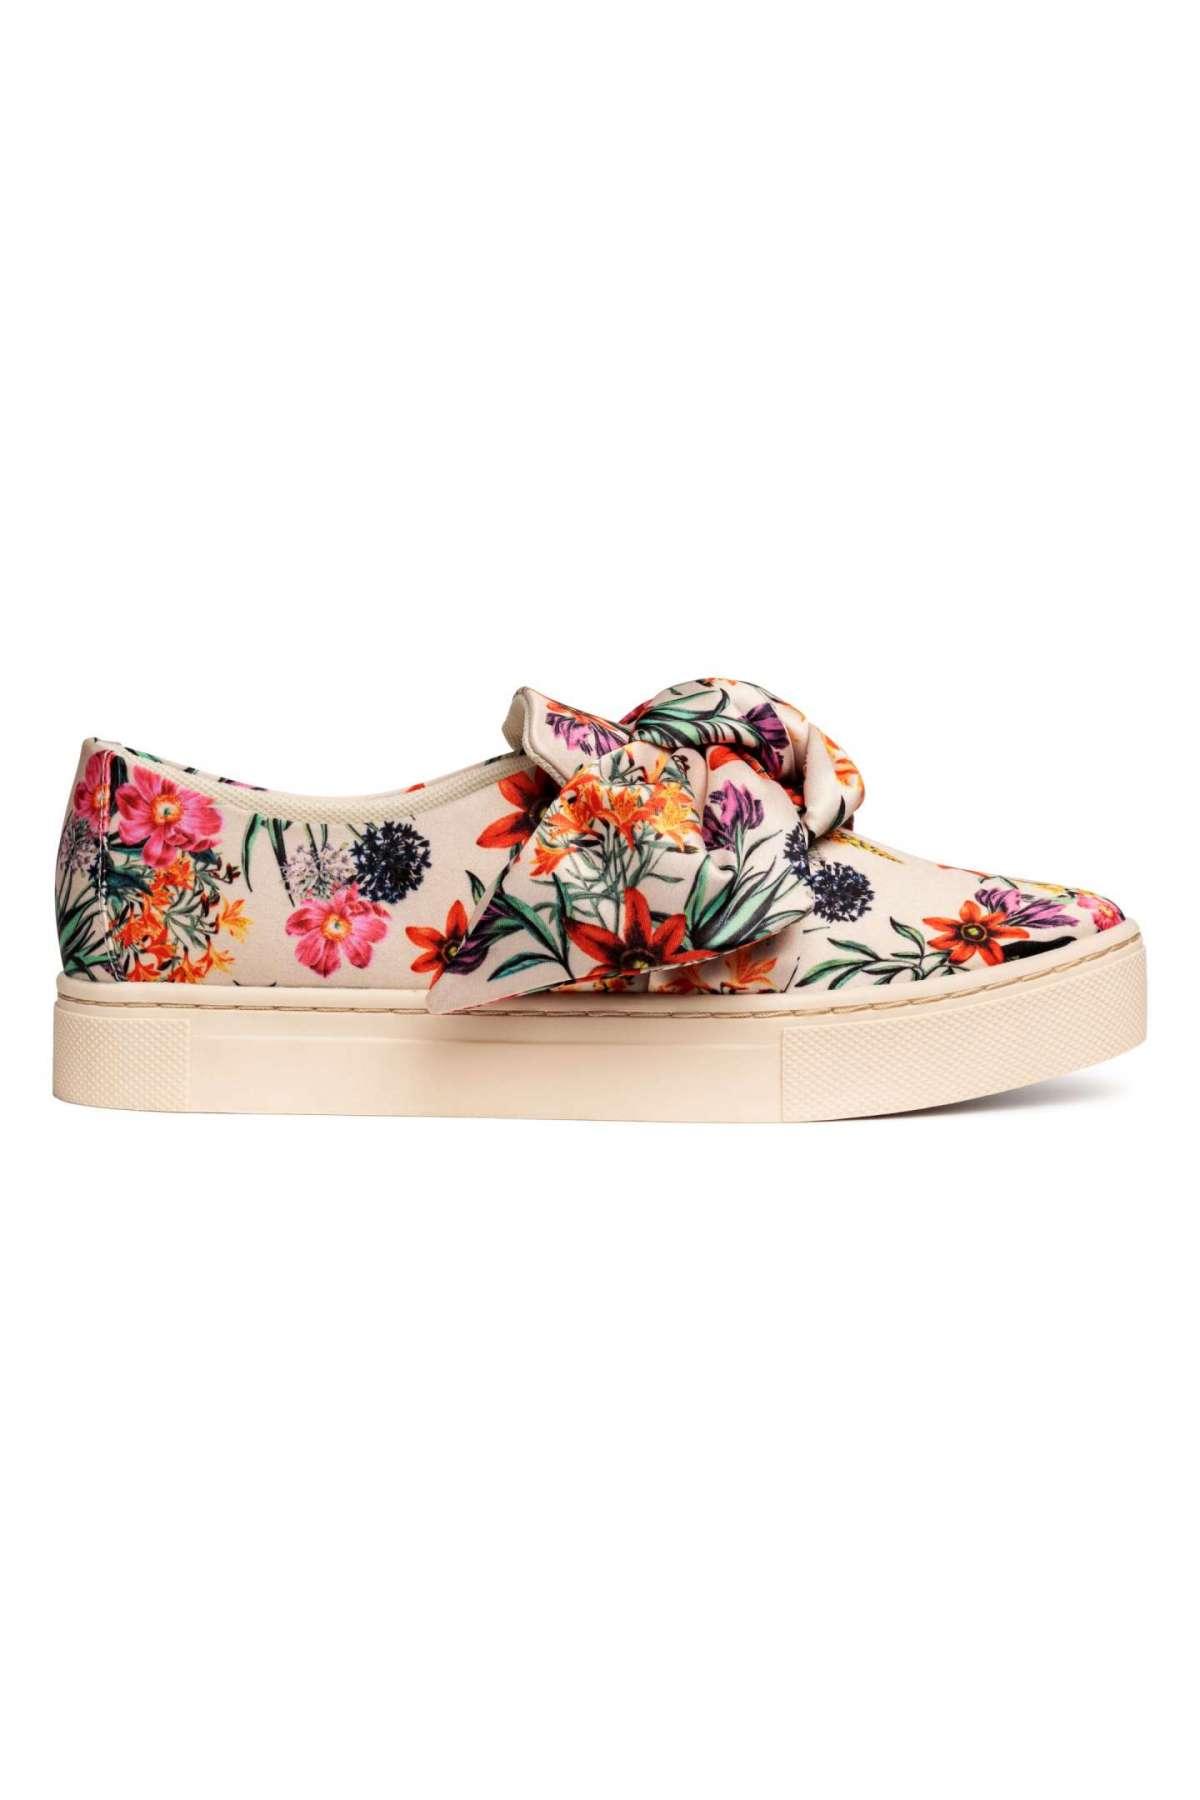 Scarpe da ginnastica a fiori H&M a 29,99 euro